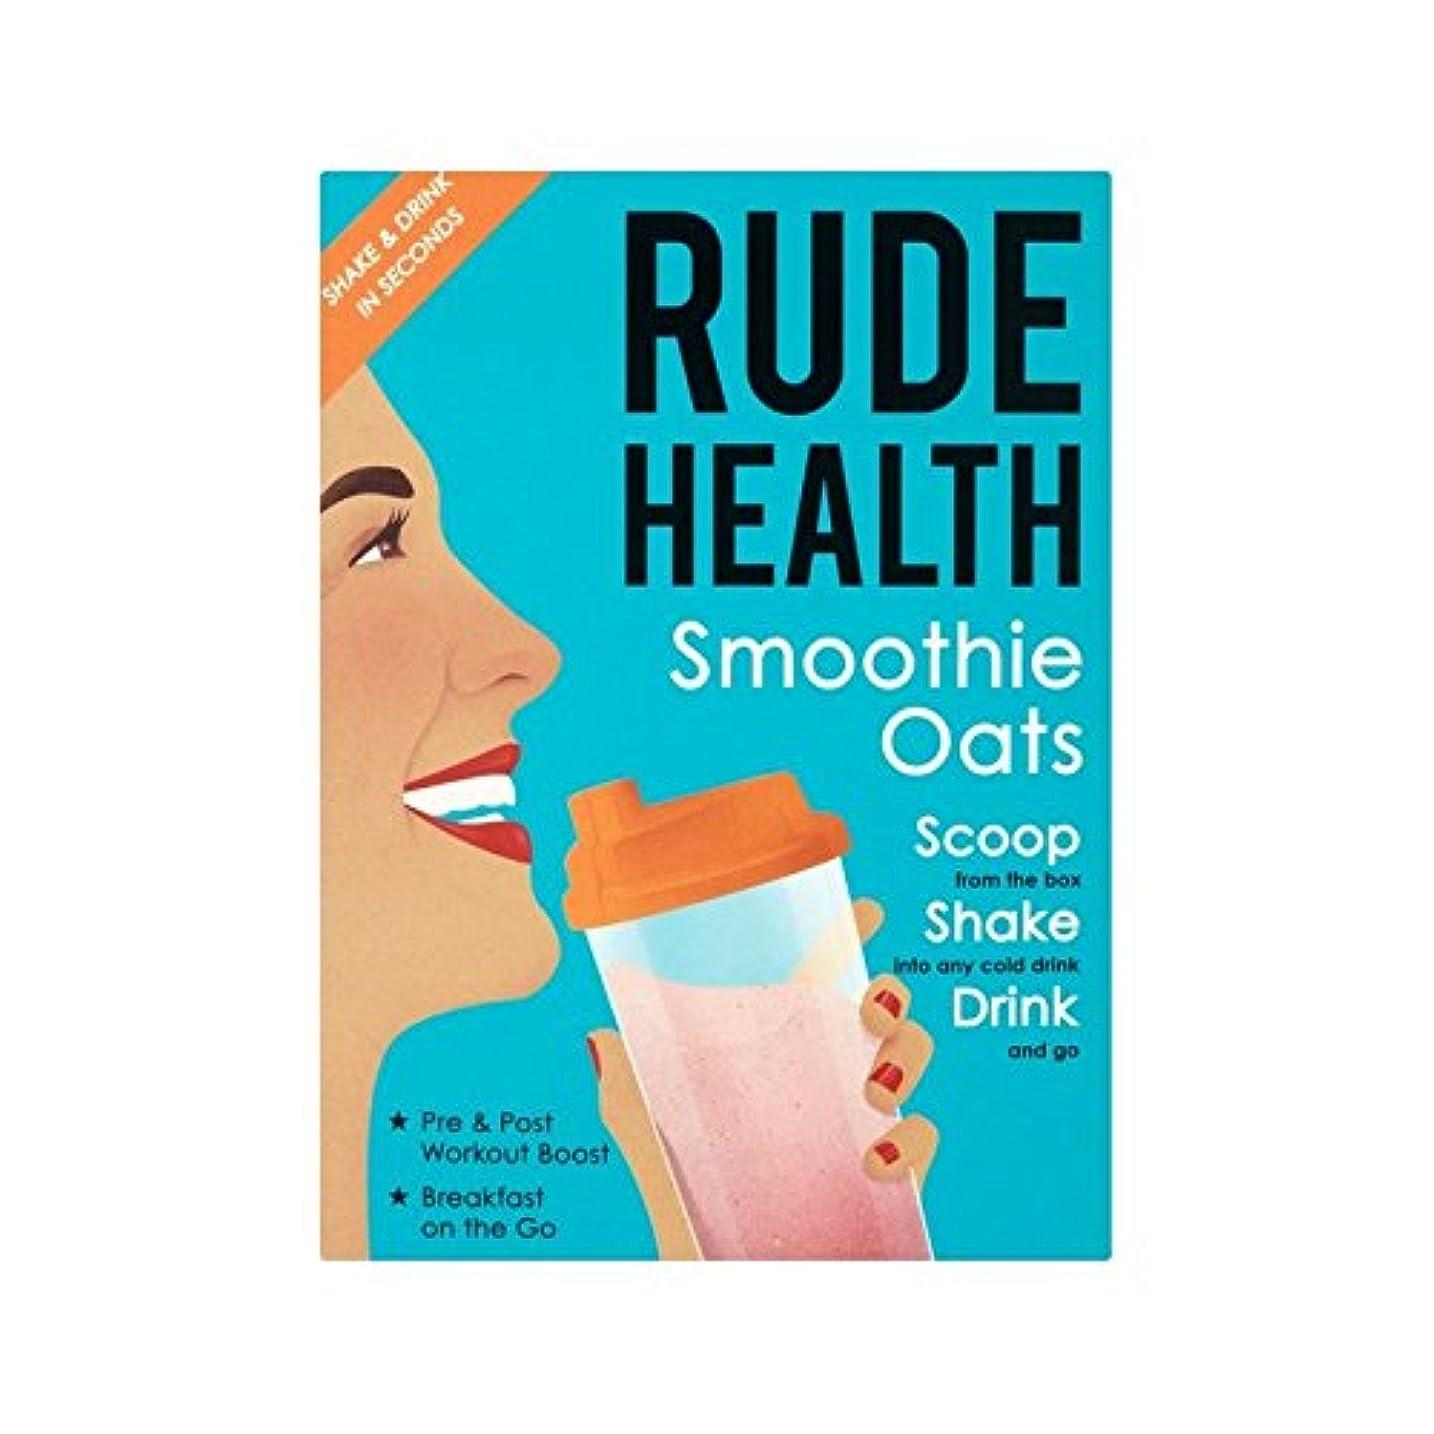 必要としている嫌悪文房具スムージーオート麦250グラム (Rude Health) (x 6) - Rude Health Smoothie Oats 250g (Pack of 6) [並行輸入品]